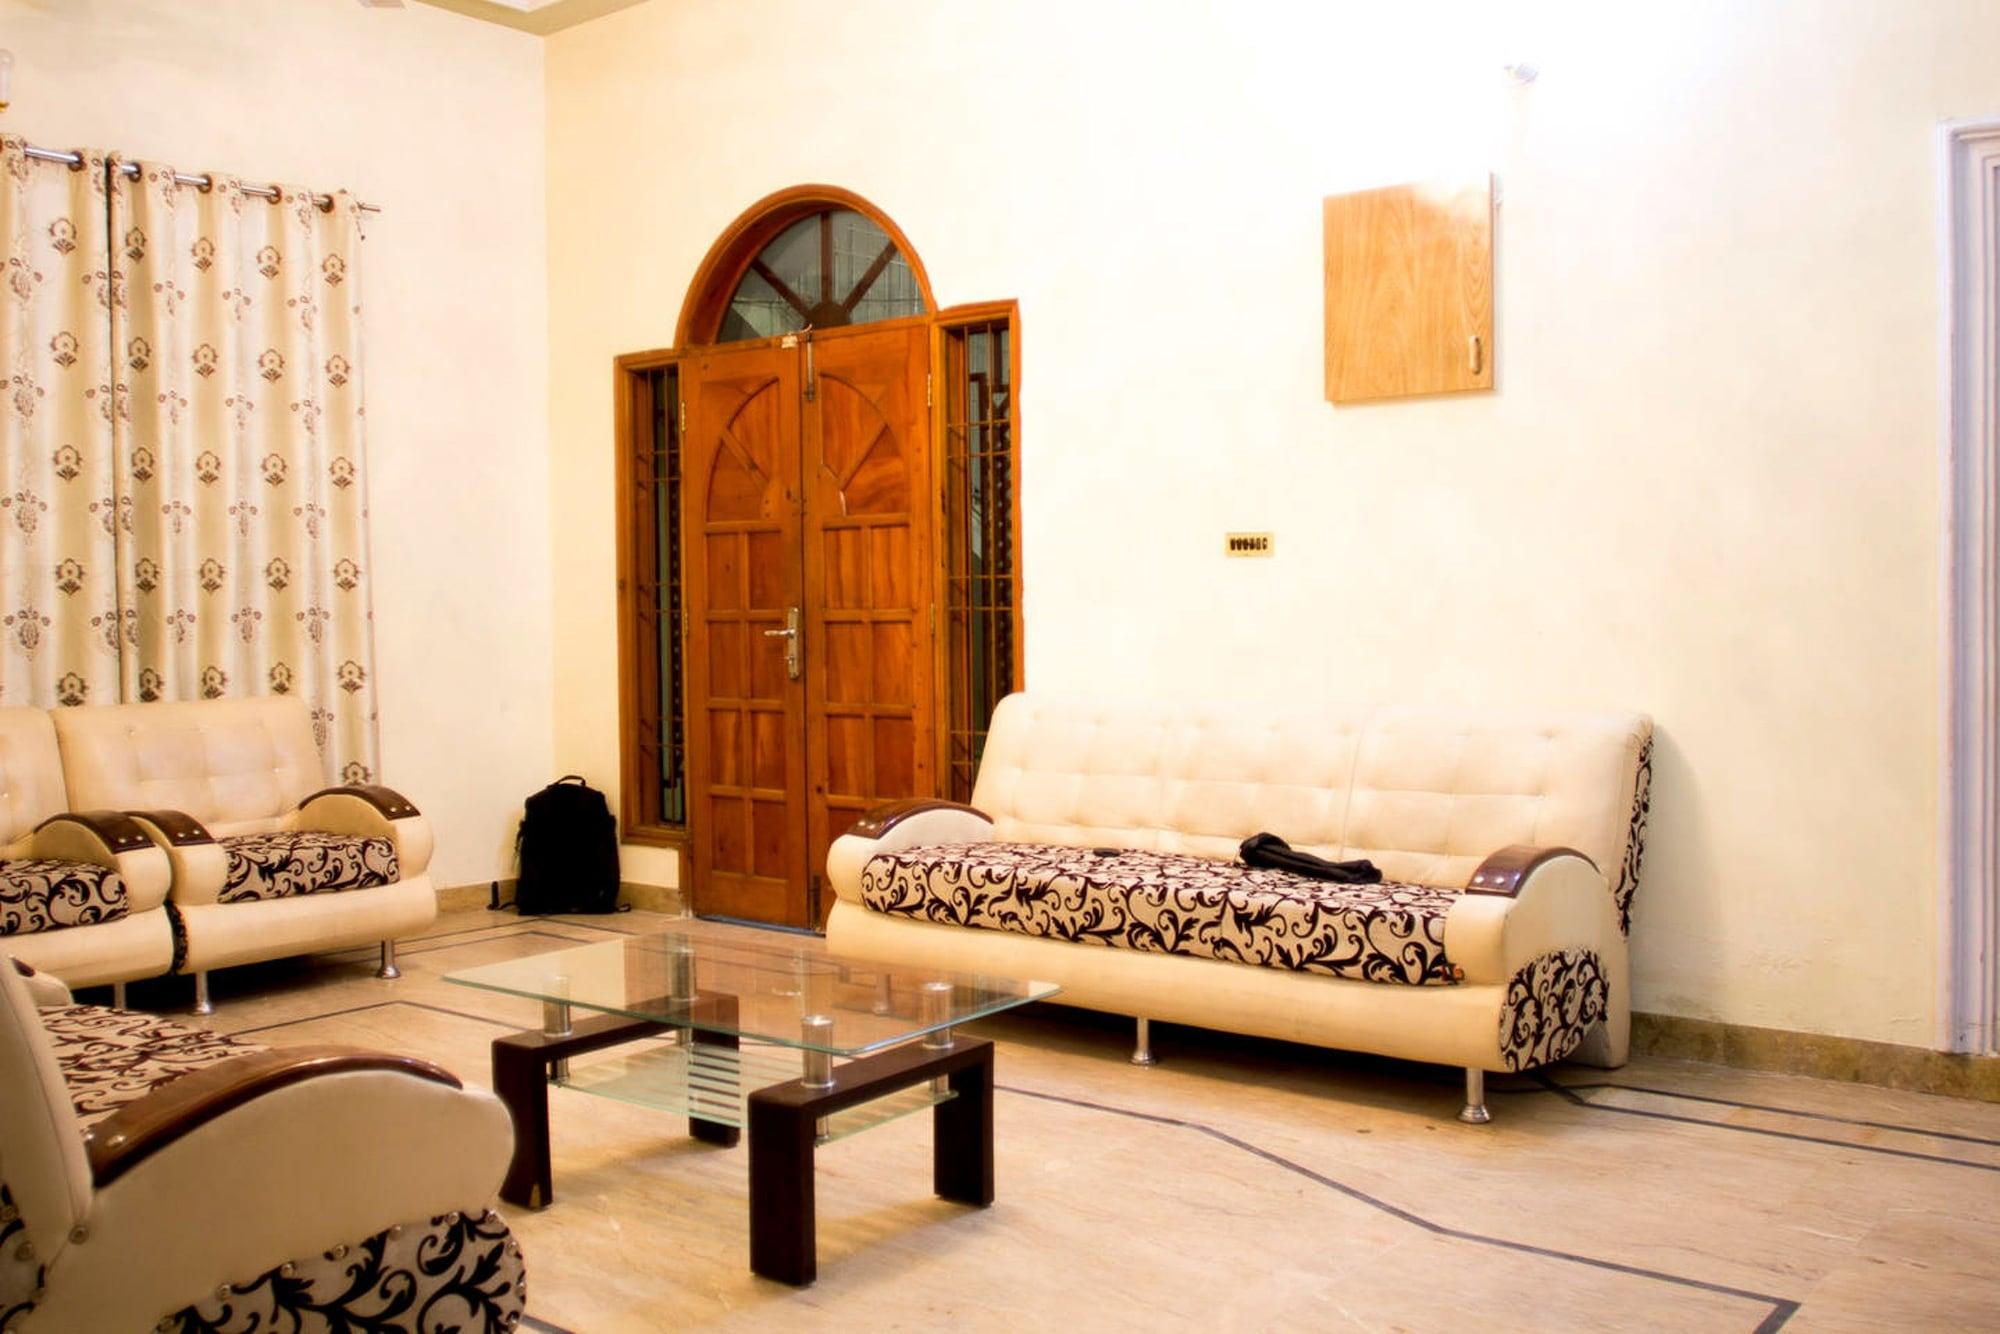 Luxurious guest house, Karachi